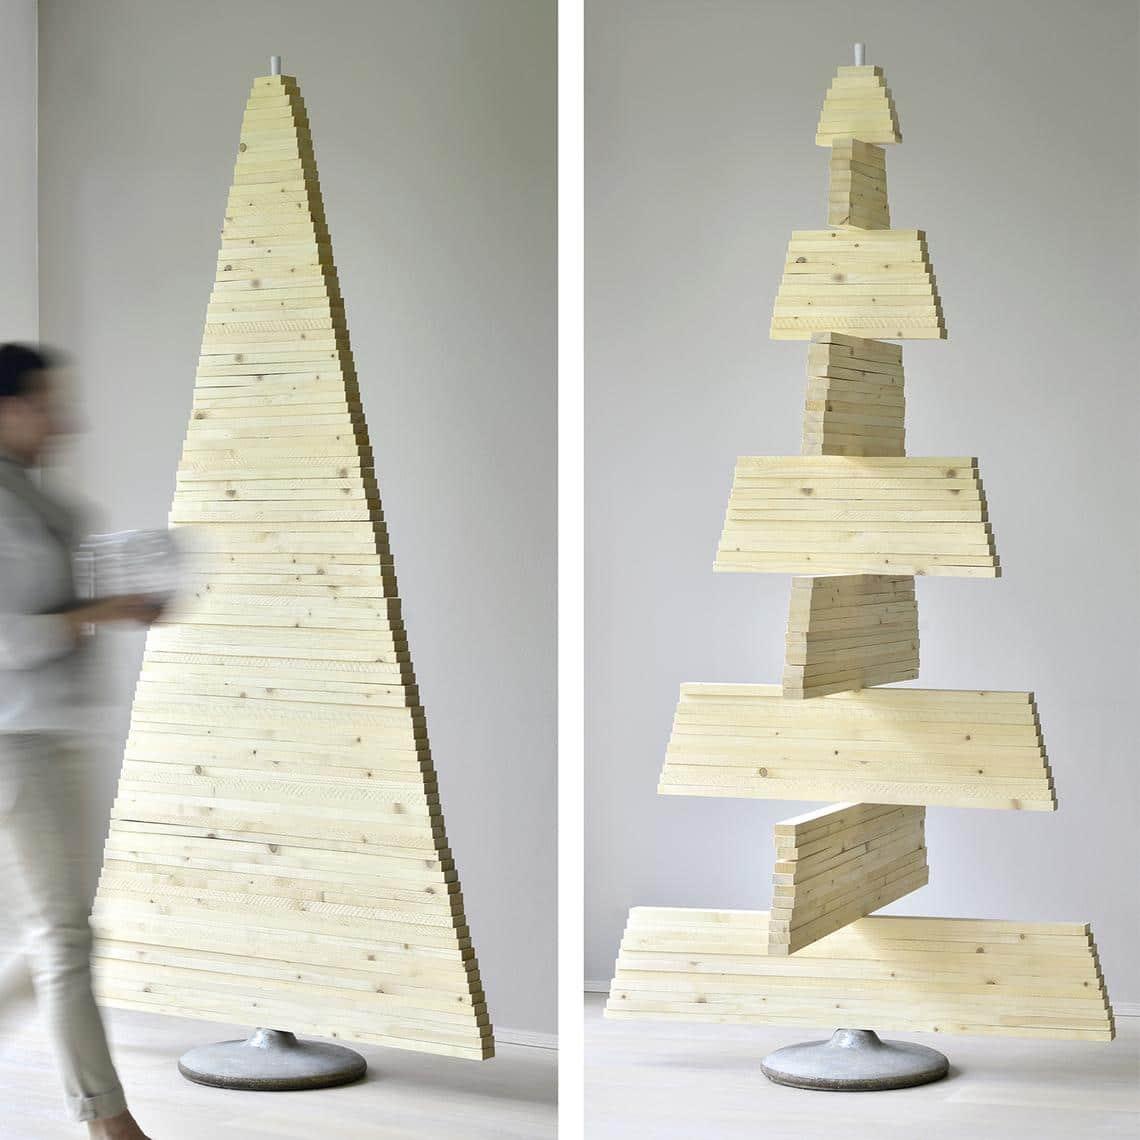 Diy Weihnachtsbaum Aus Holzlatten Muttis Nähkästchen